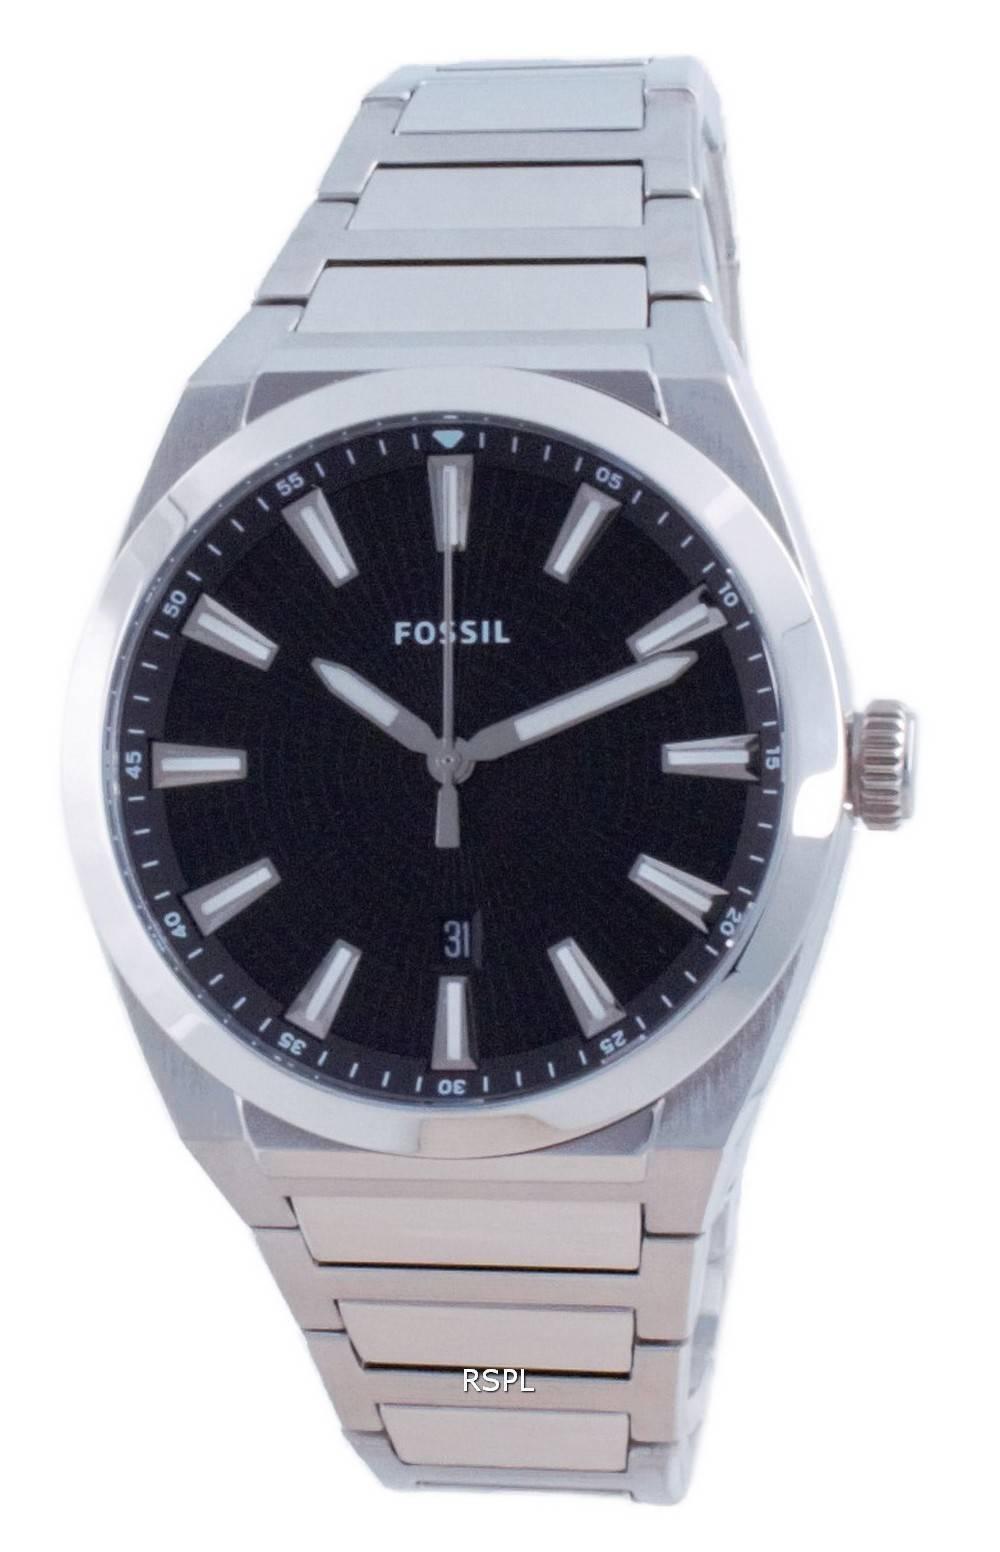 Fossil Everett musta kellotaulu ruostumattomasta teräksestä valmistettu kvartsi FS5821 miesten kello